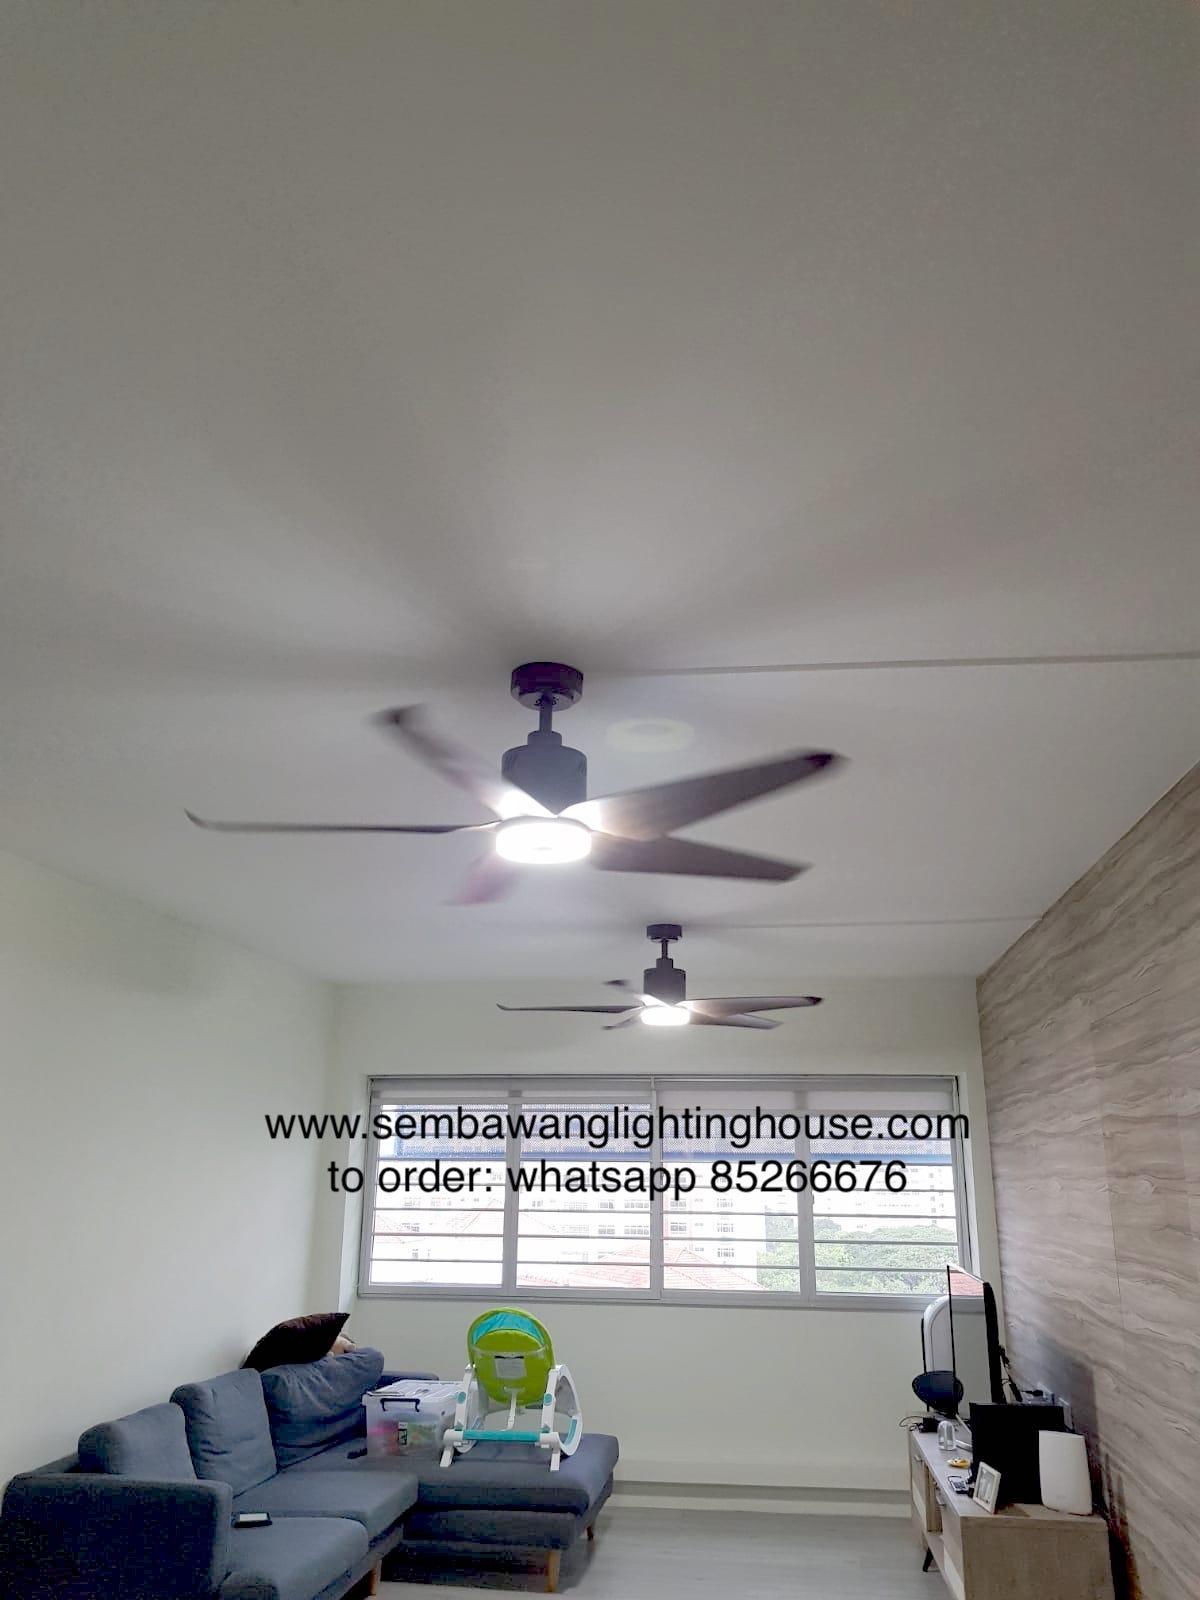 sample-01-kaze-kino-wood-led-ceiling-fan-sembawang-lighting-house.jpg